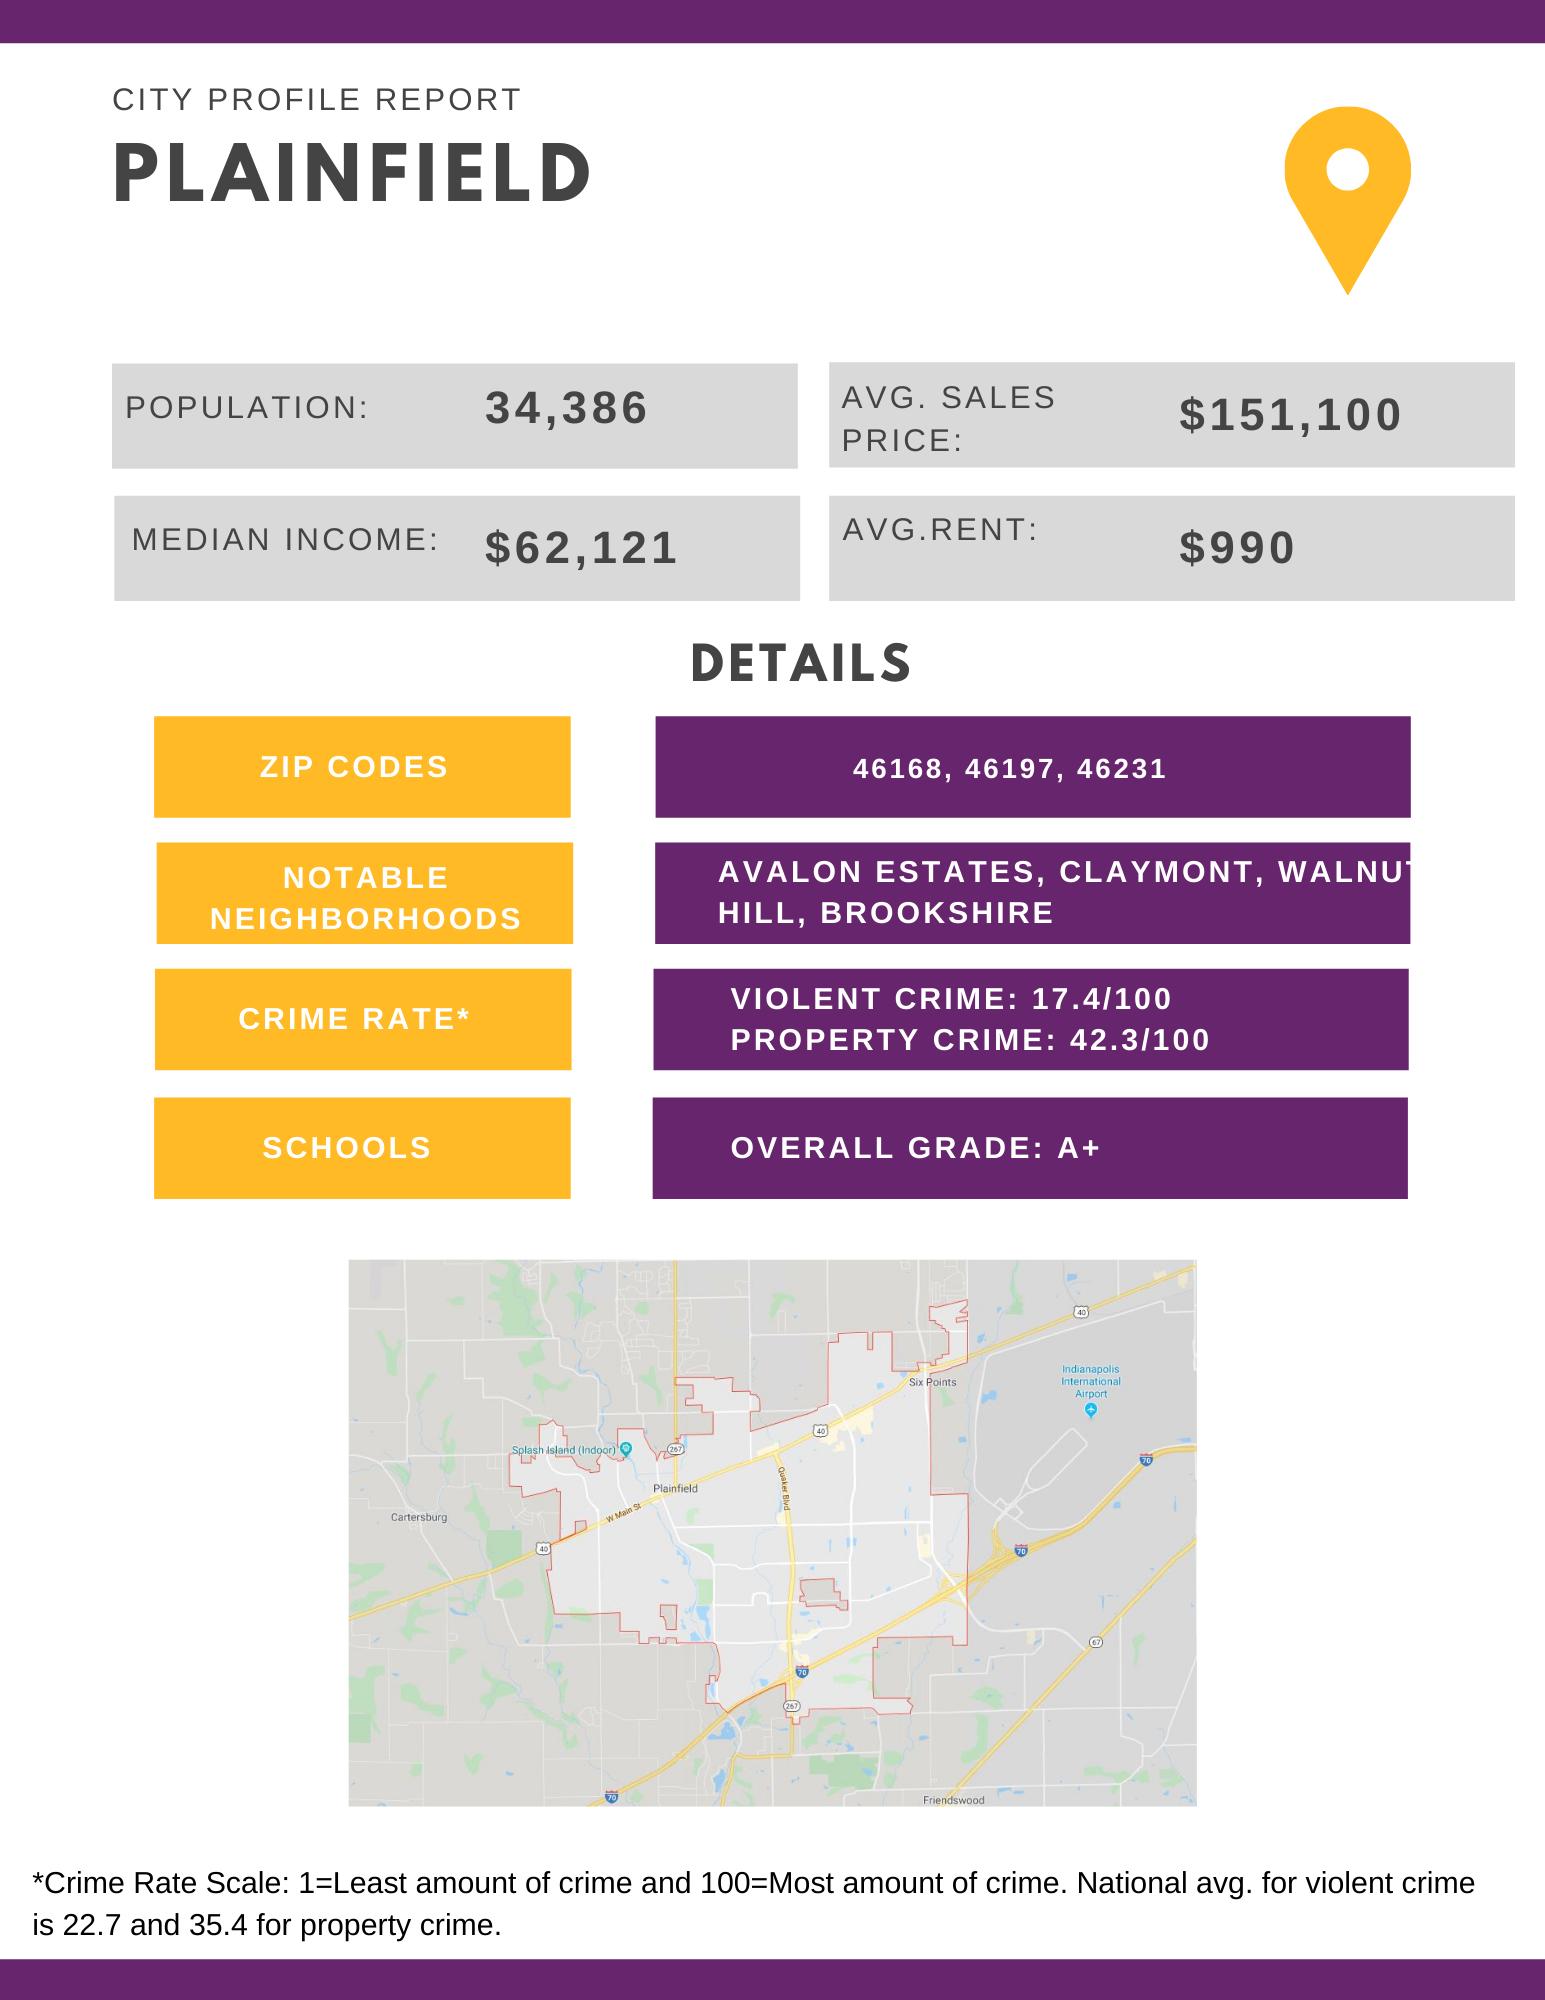 Plainfield City Profile Report